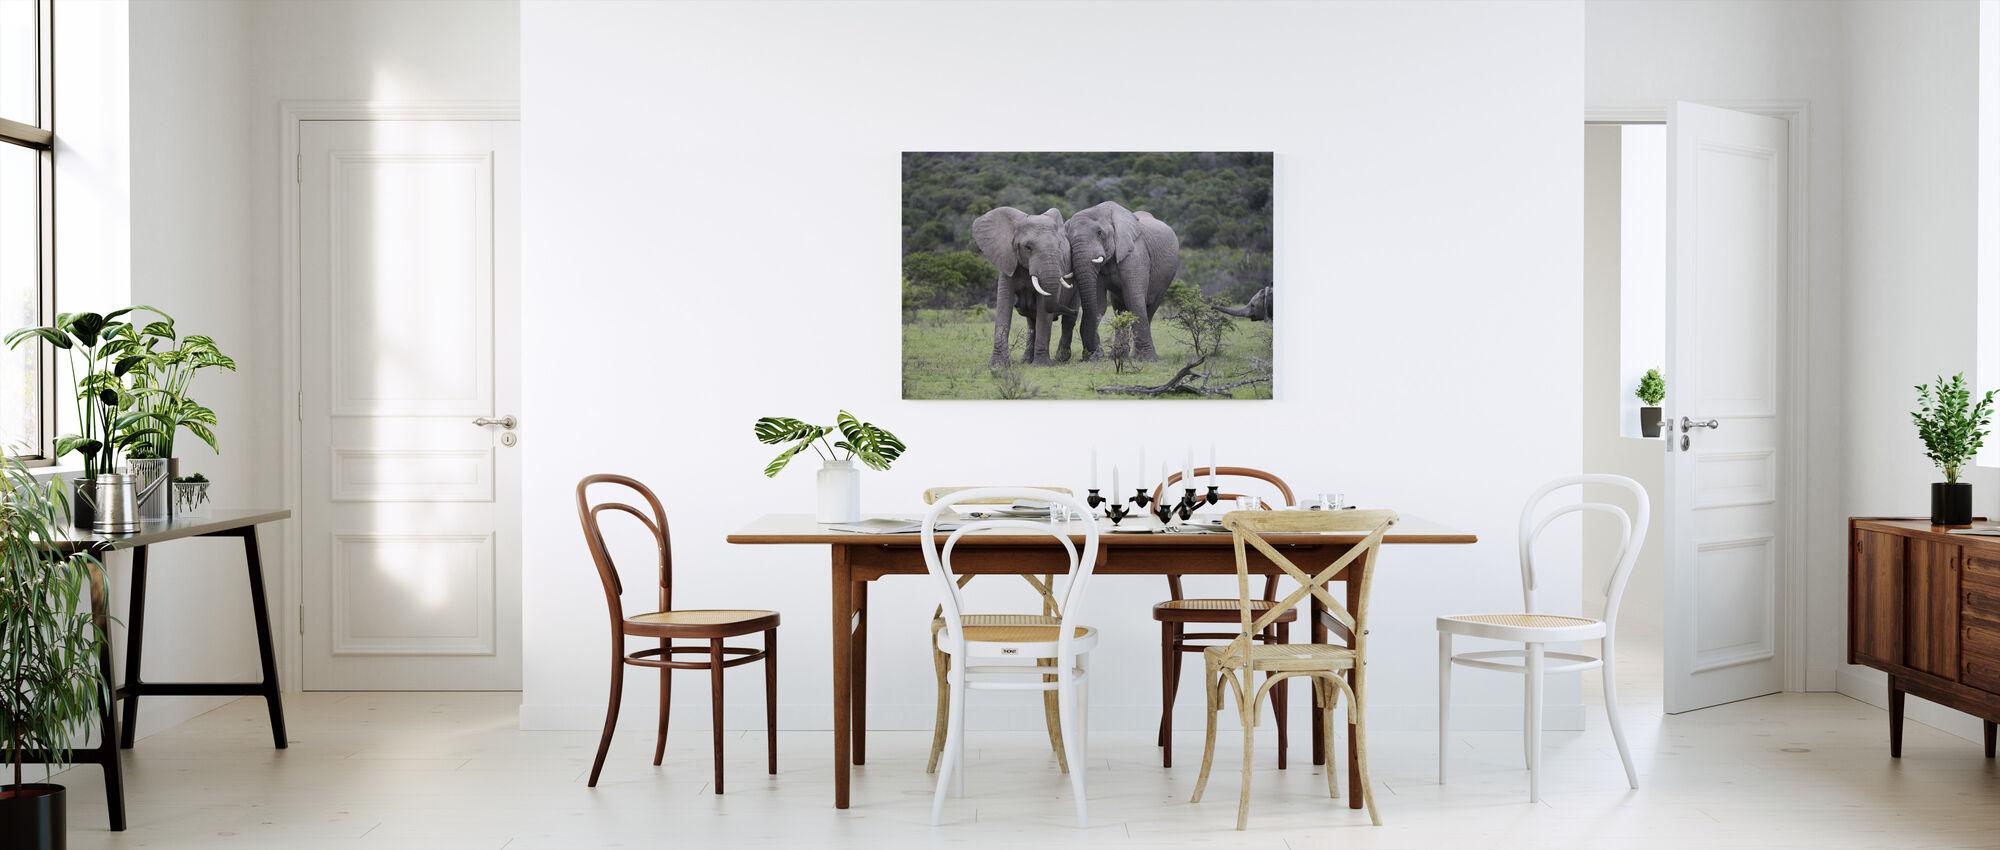 Knuffelen Olifanten - Canvas print - Keuken